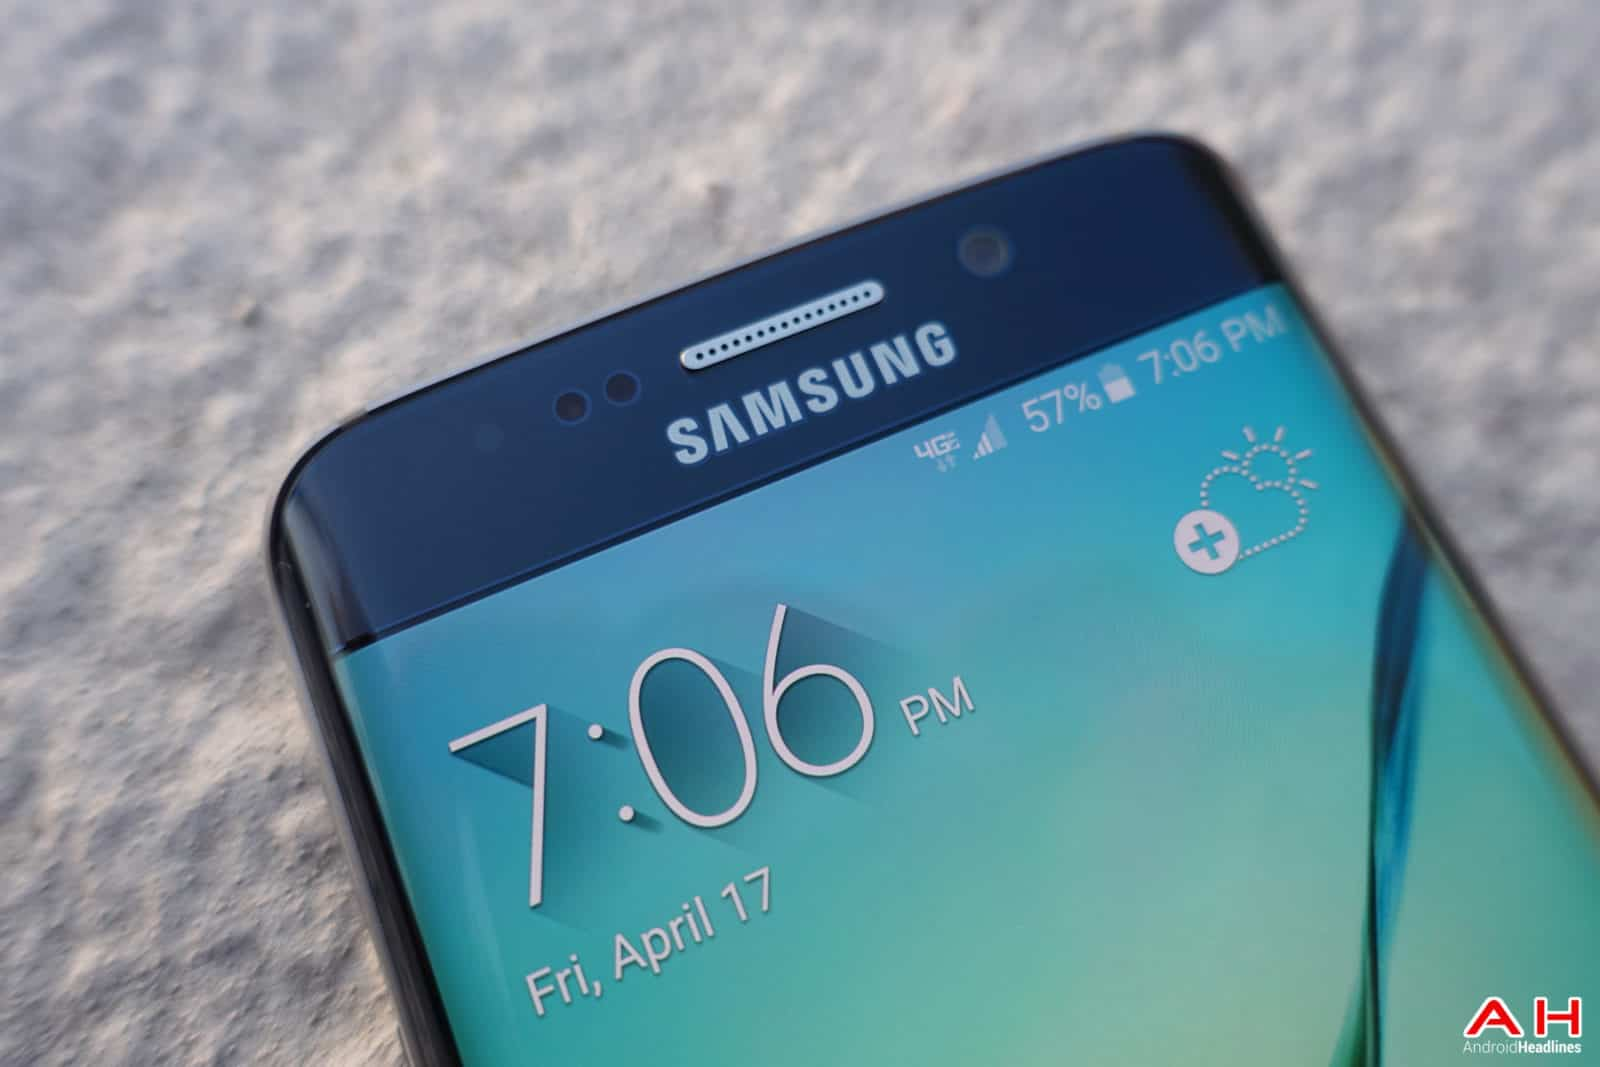 AH Samsung Galaxy S6 Edge Series 3 June 30th-10